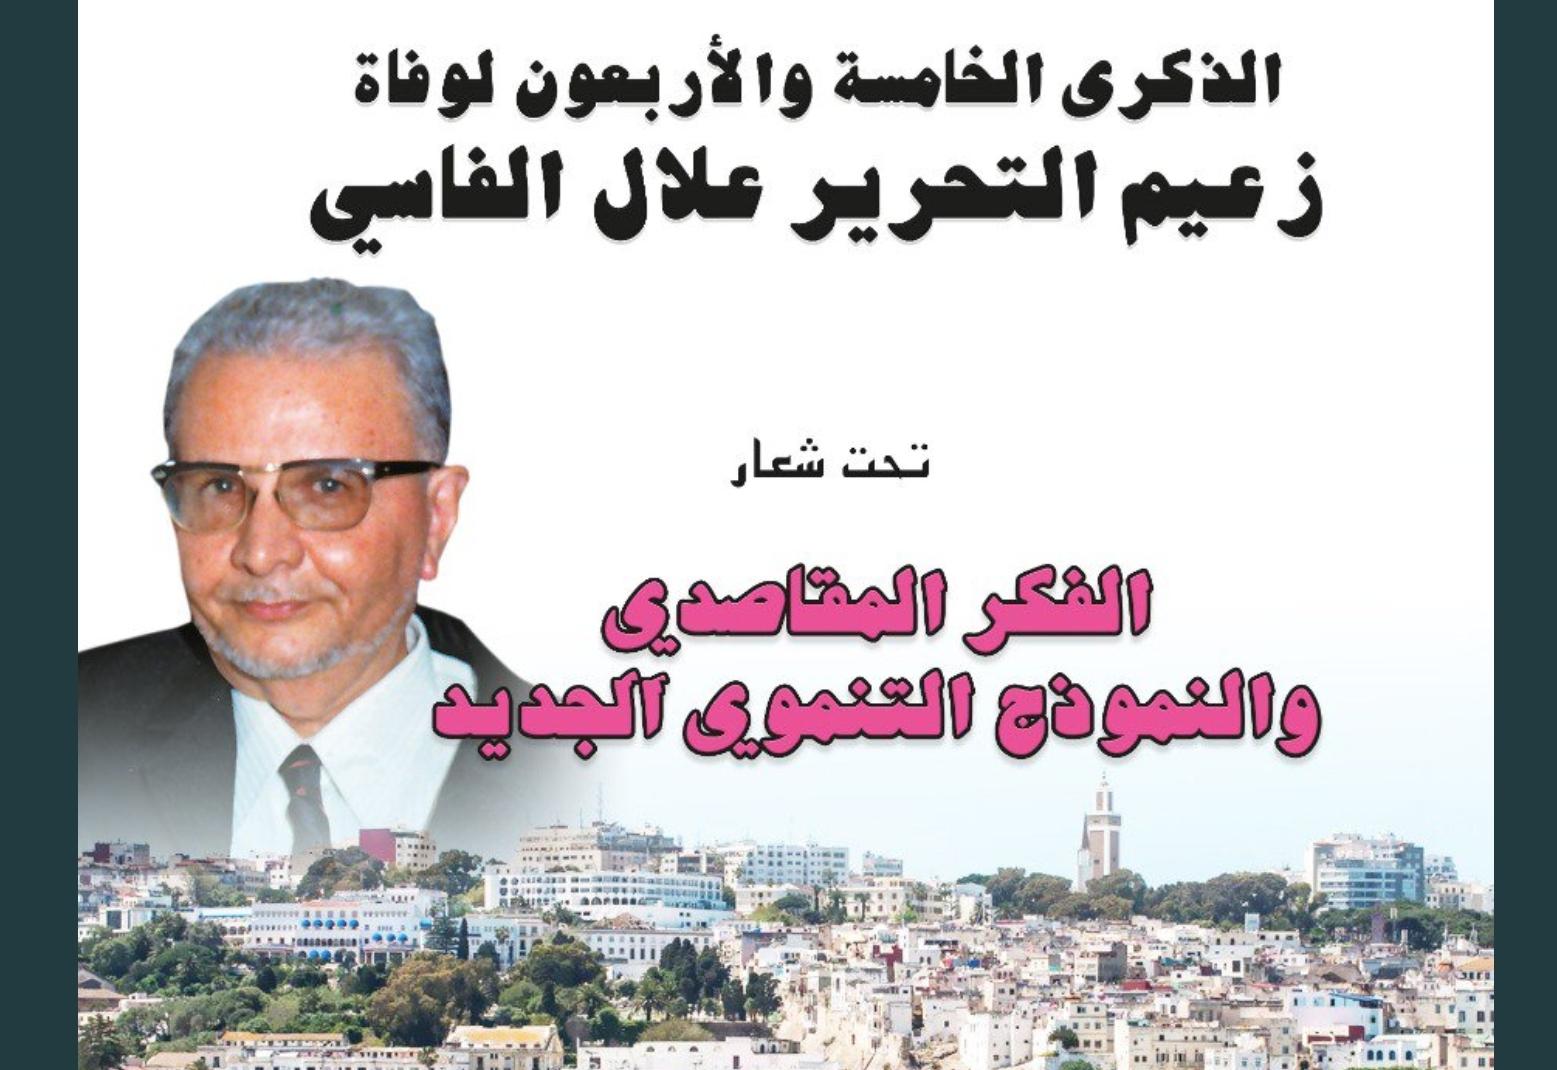 طنجة تحتضن الذكرى 45 لوفاة زعيم التحرير علال الفاسي